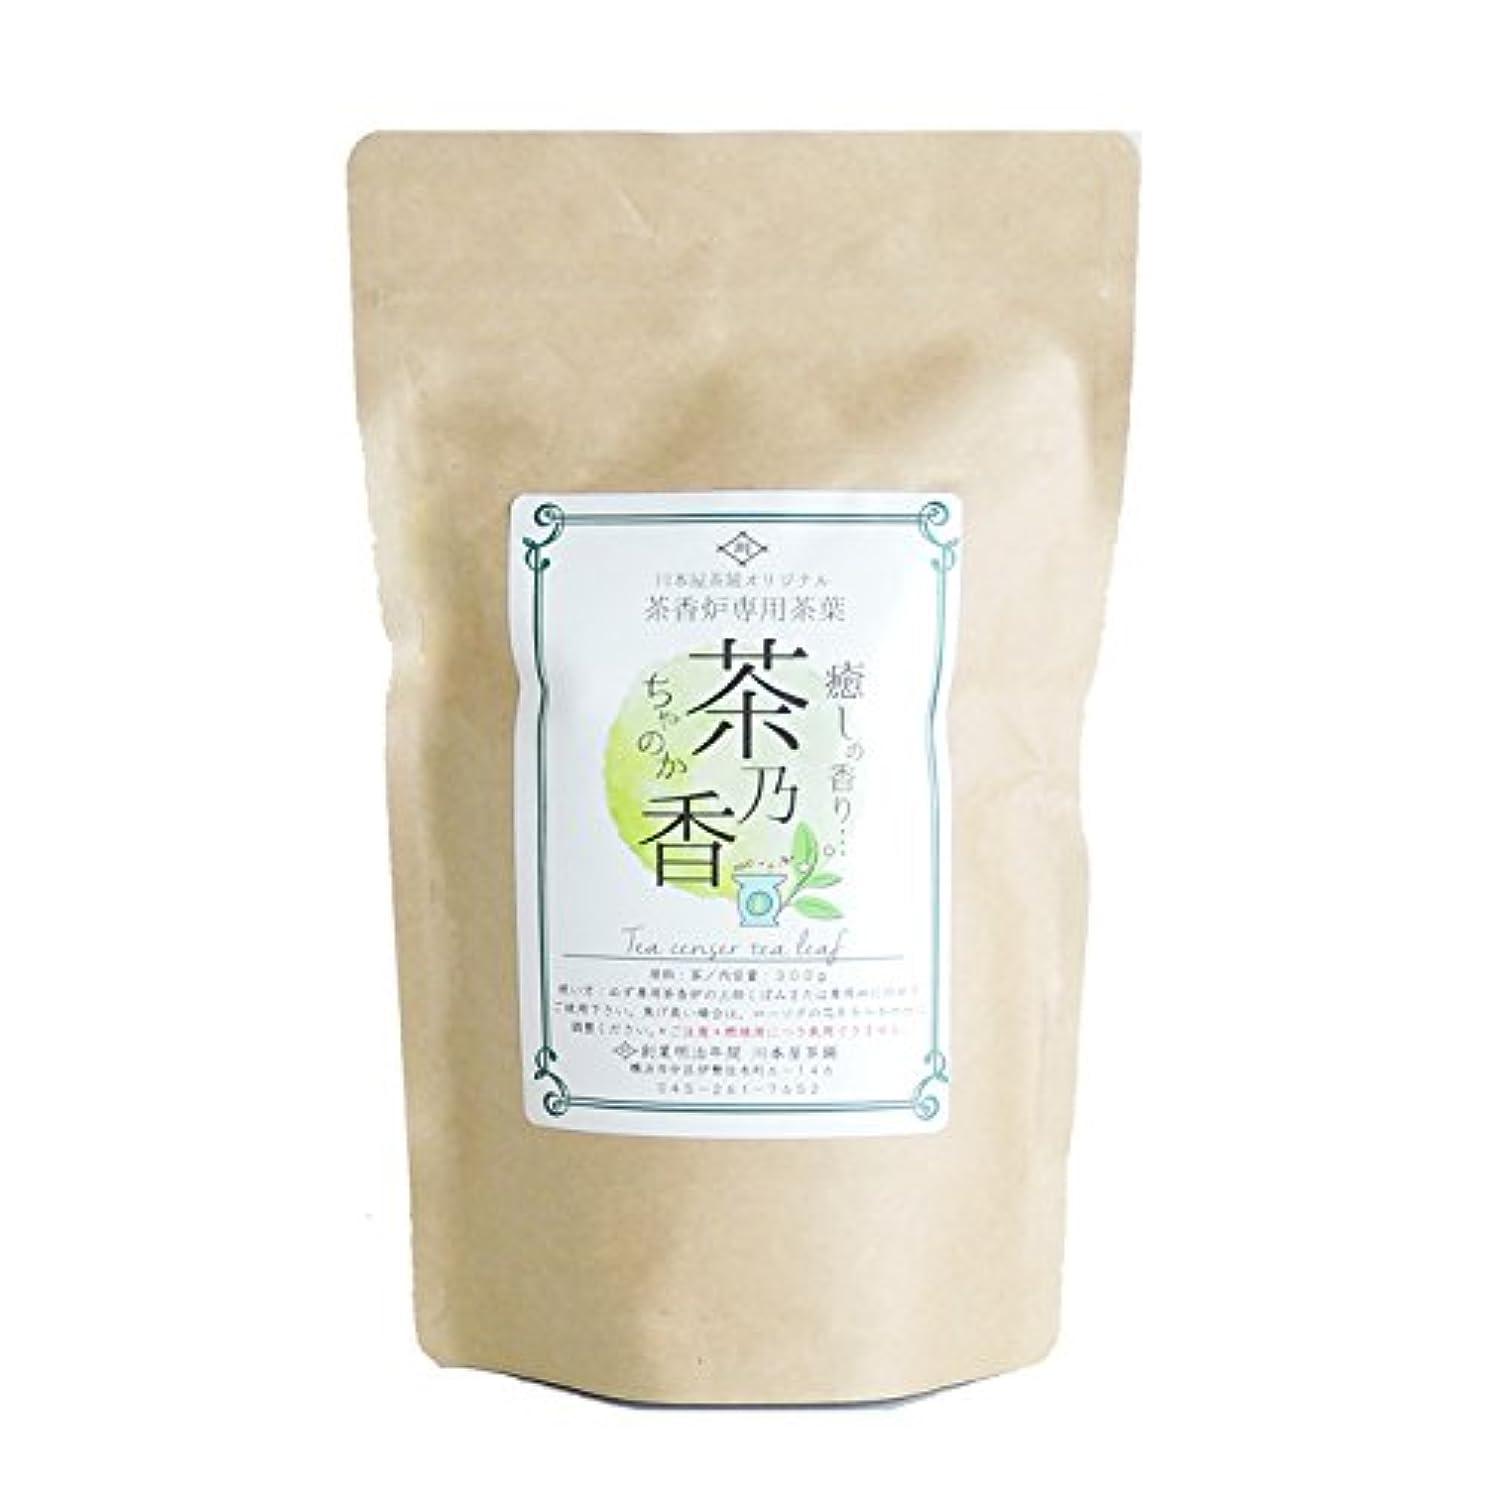 受け入れた古くなったフェンス国産 茶香炉専用 茶葉 「茶乃香」300g 川本屋茶舗